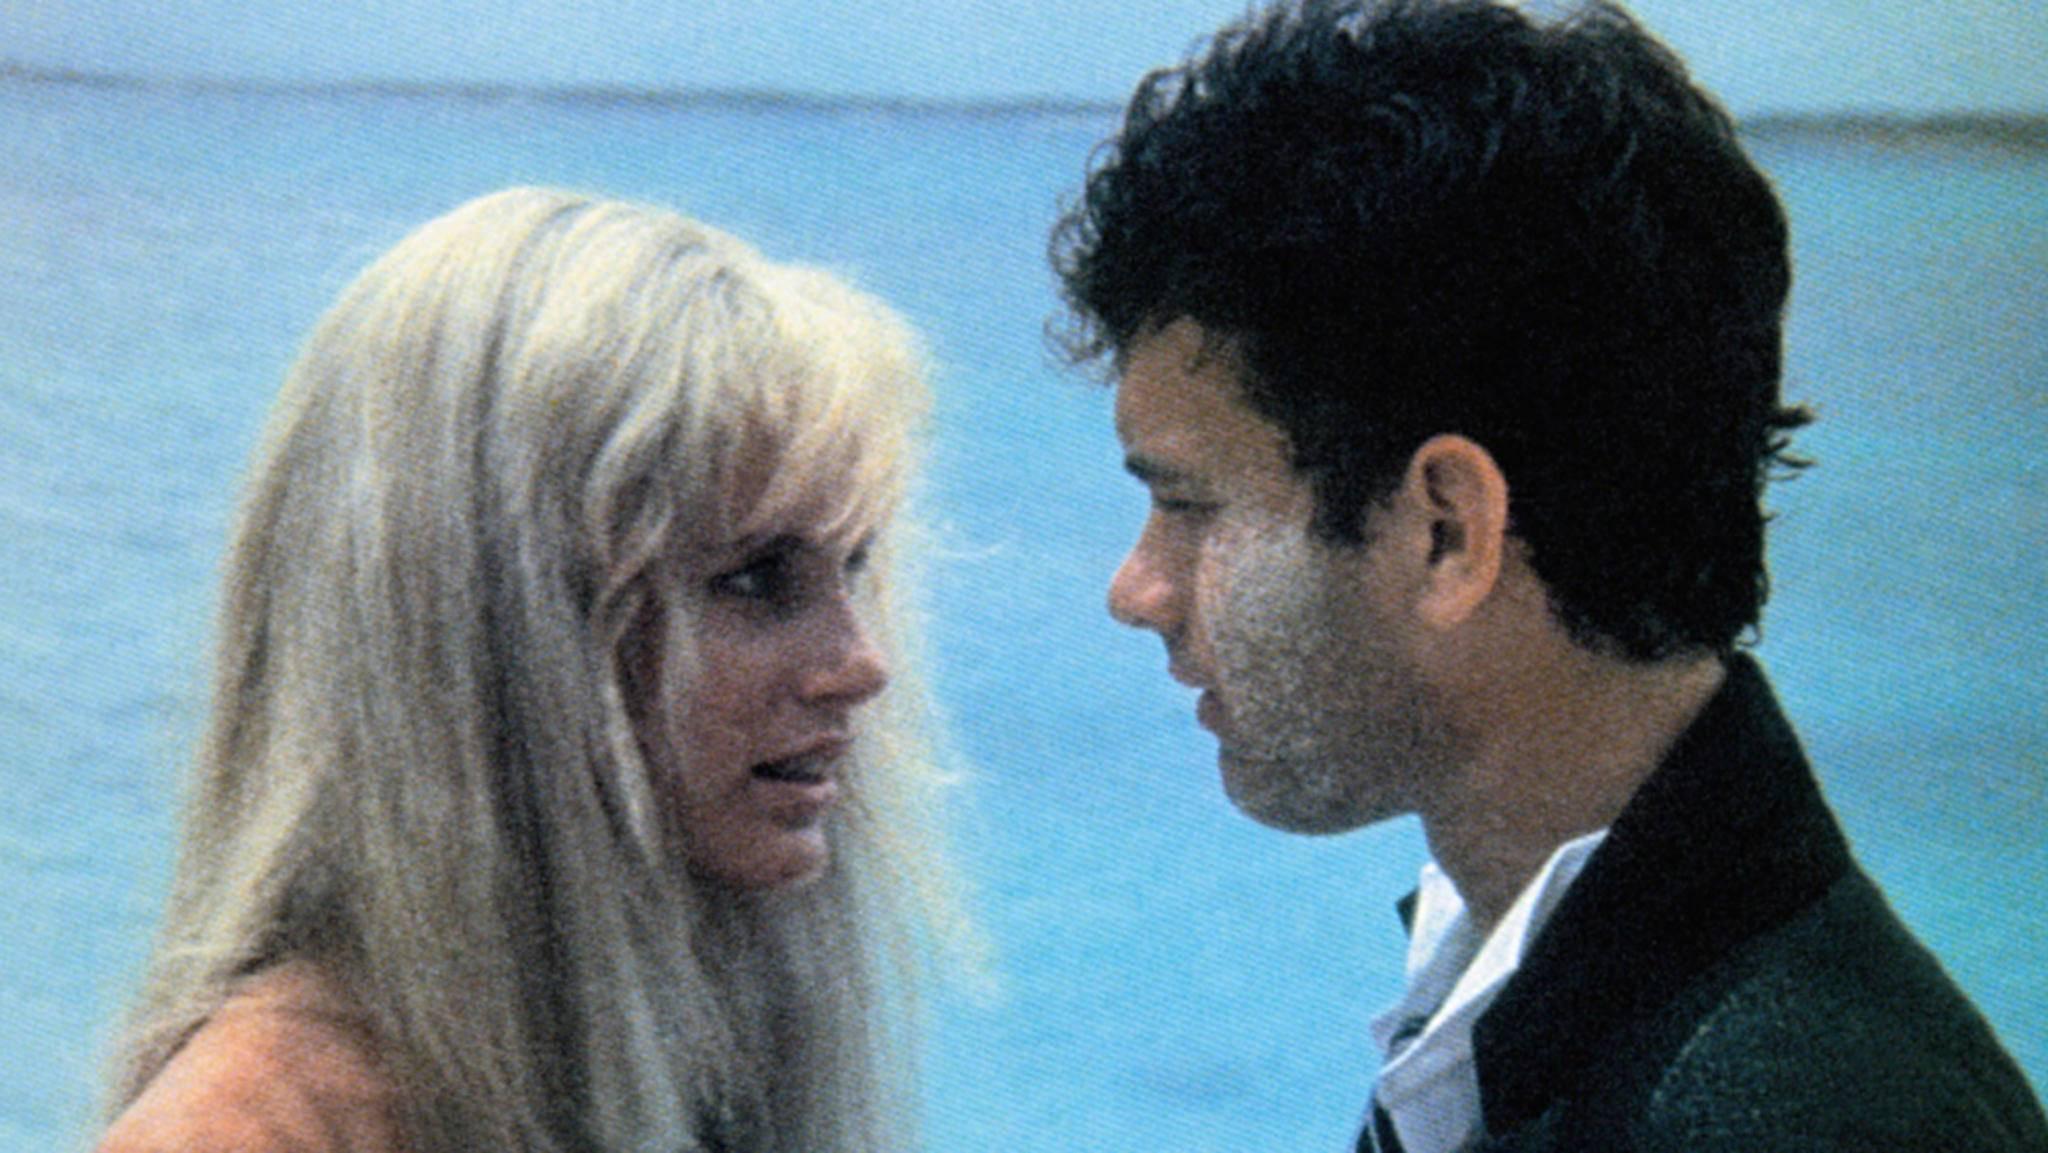 Splash von 1984 mit Tom Hanks